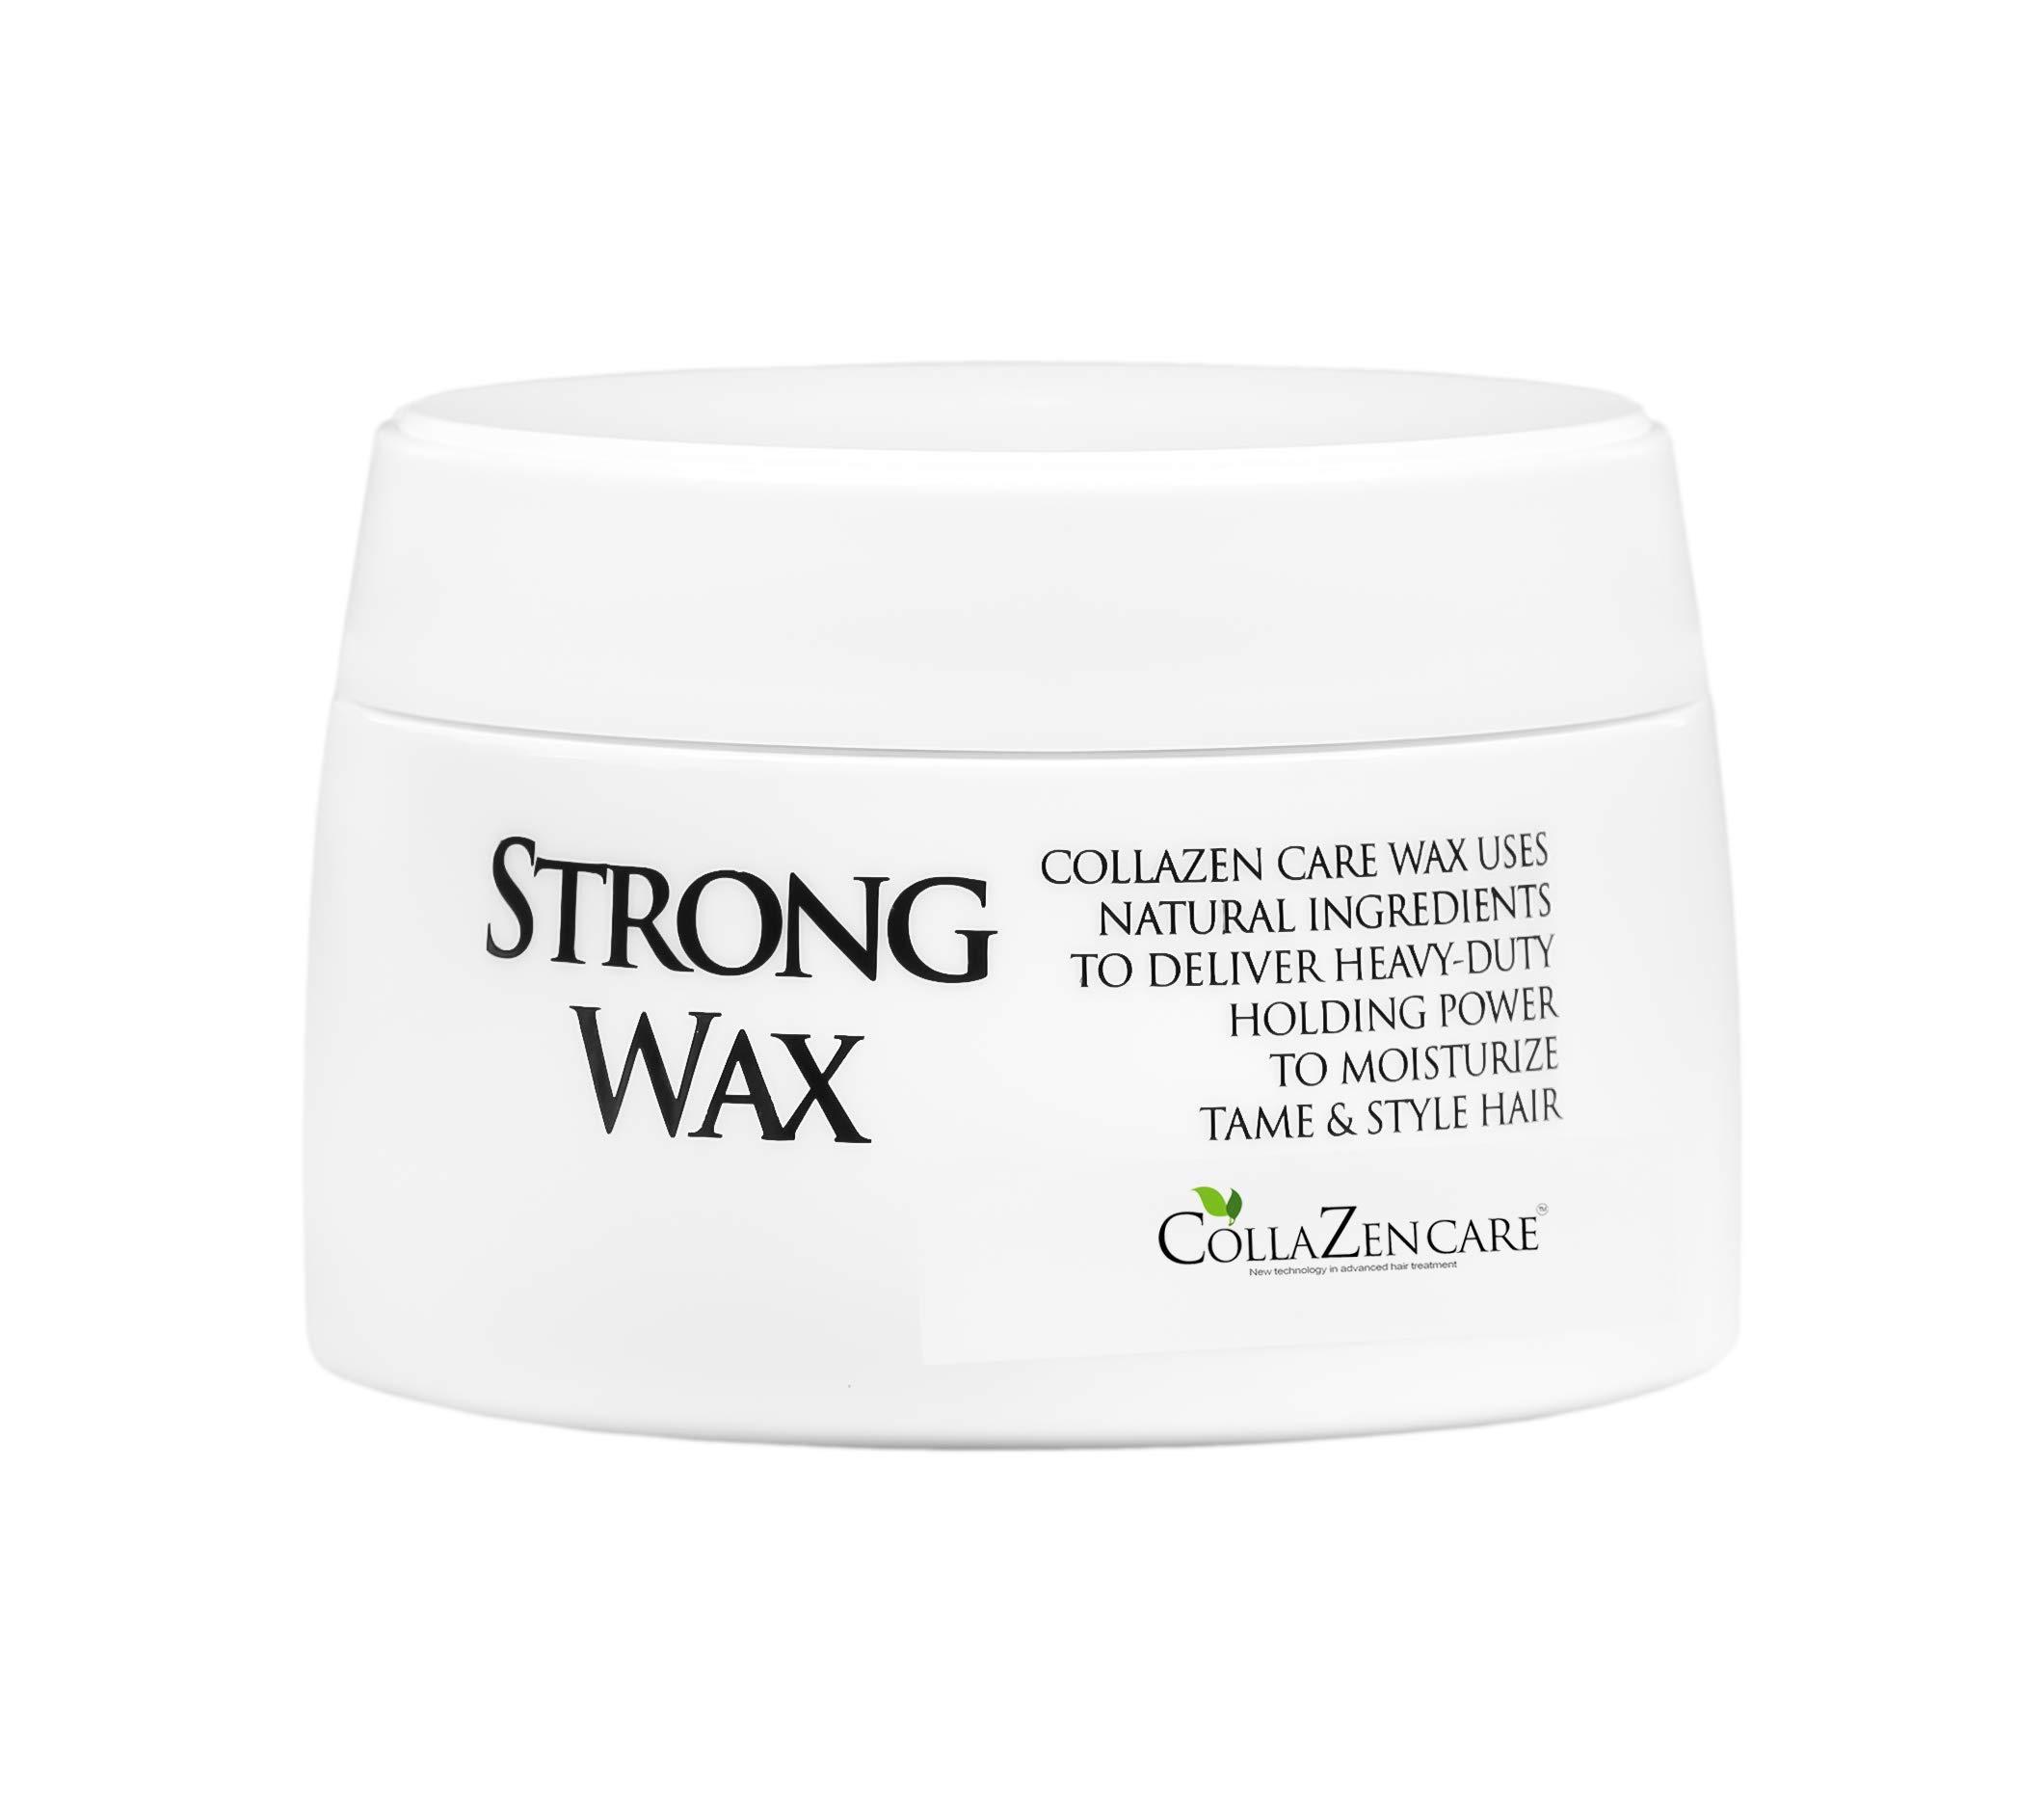 CollaZen Care Strong Wax 3.4 oz by Collazen Care